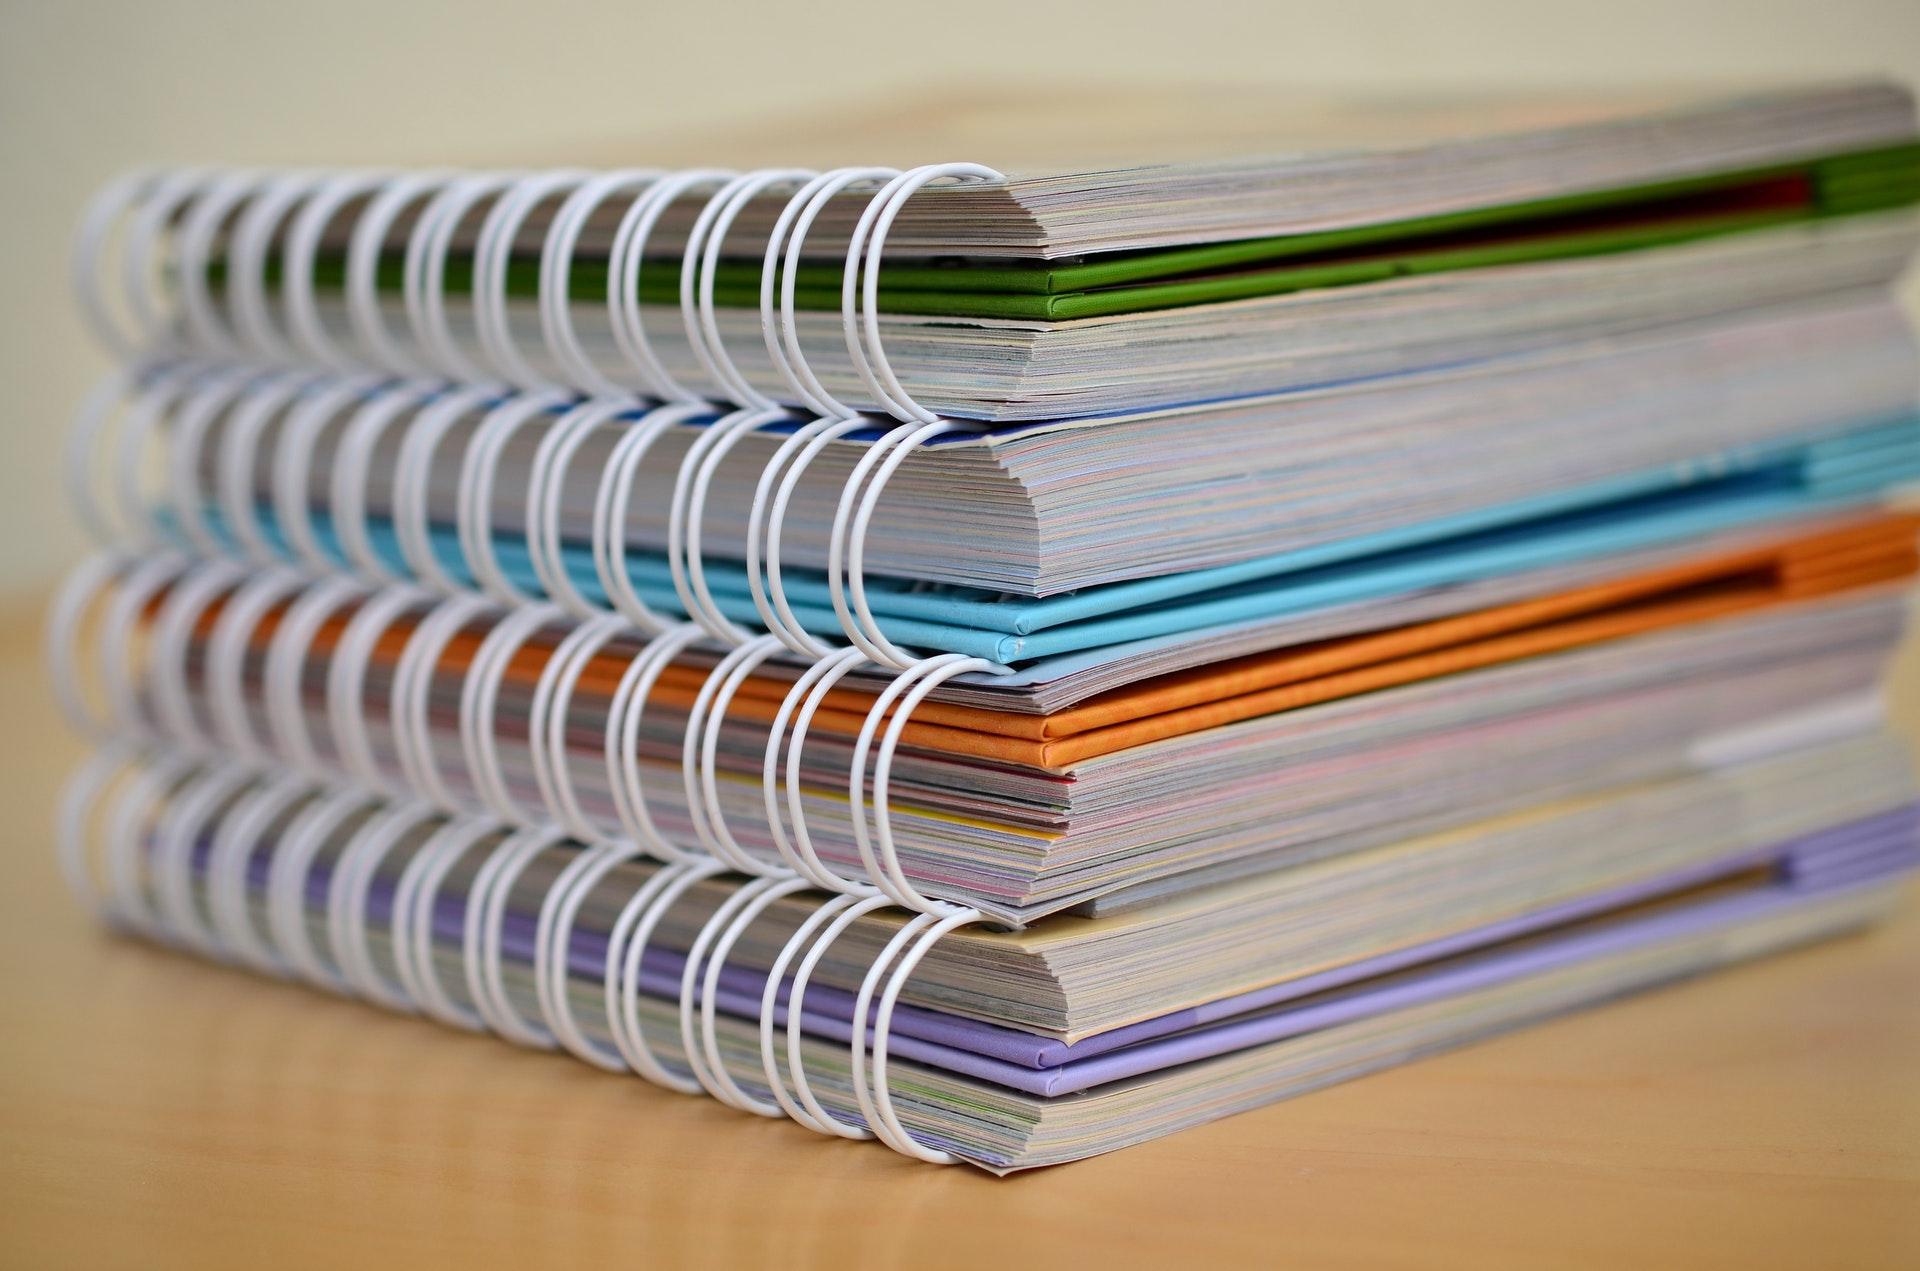 Vemos vários cadernos empilhados (imagem ilustrativa). Texto: como franquear minha marca.